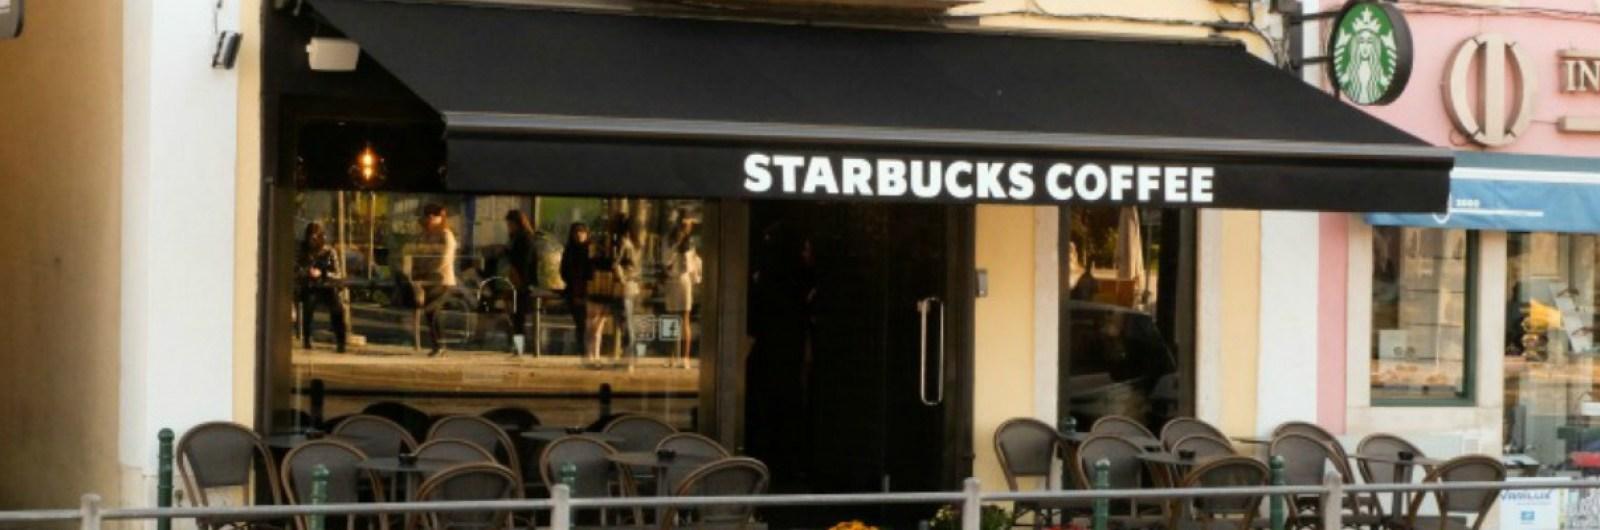 Starbucks vai continuar a investir no mercado português